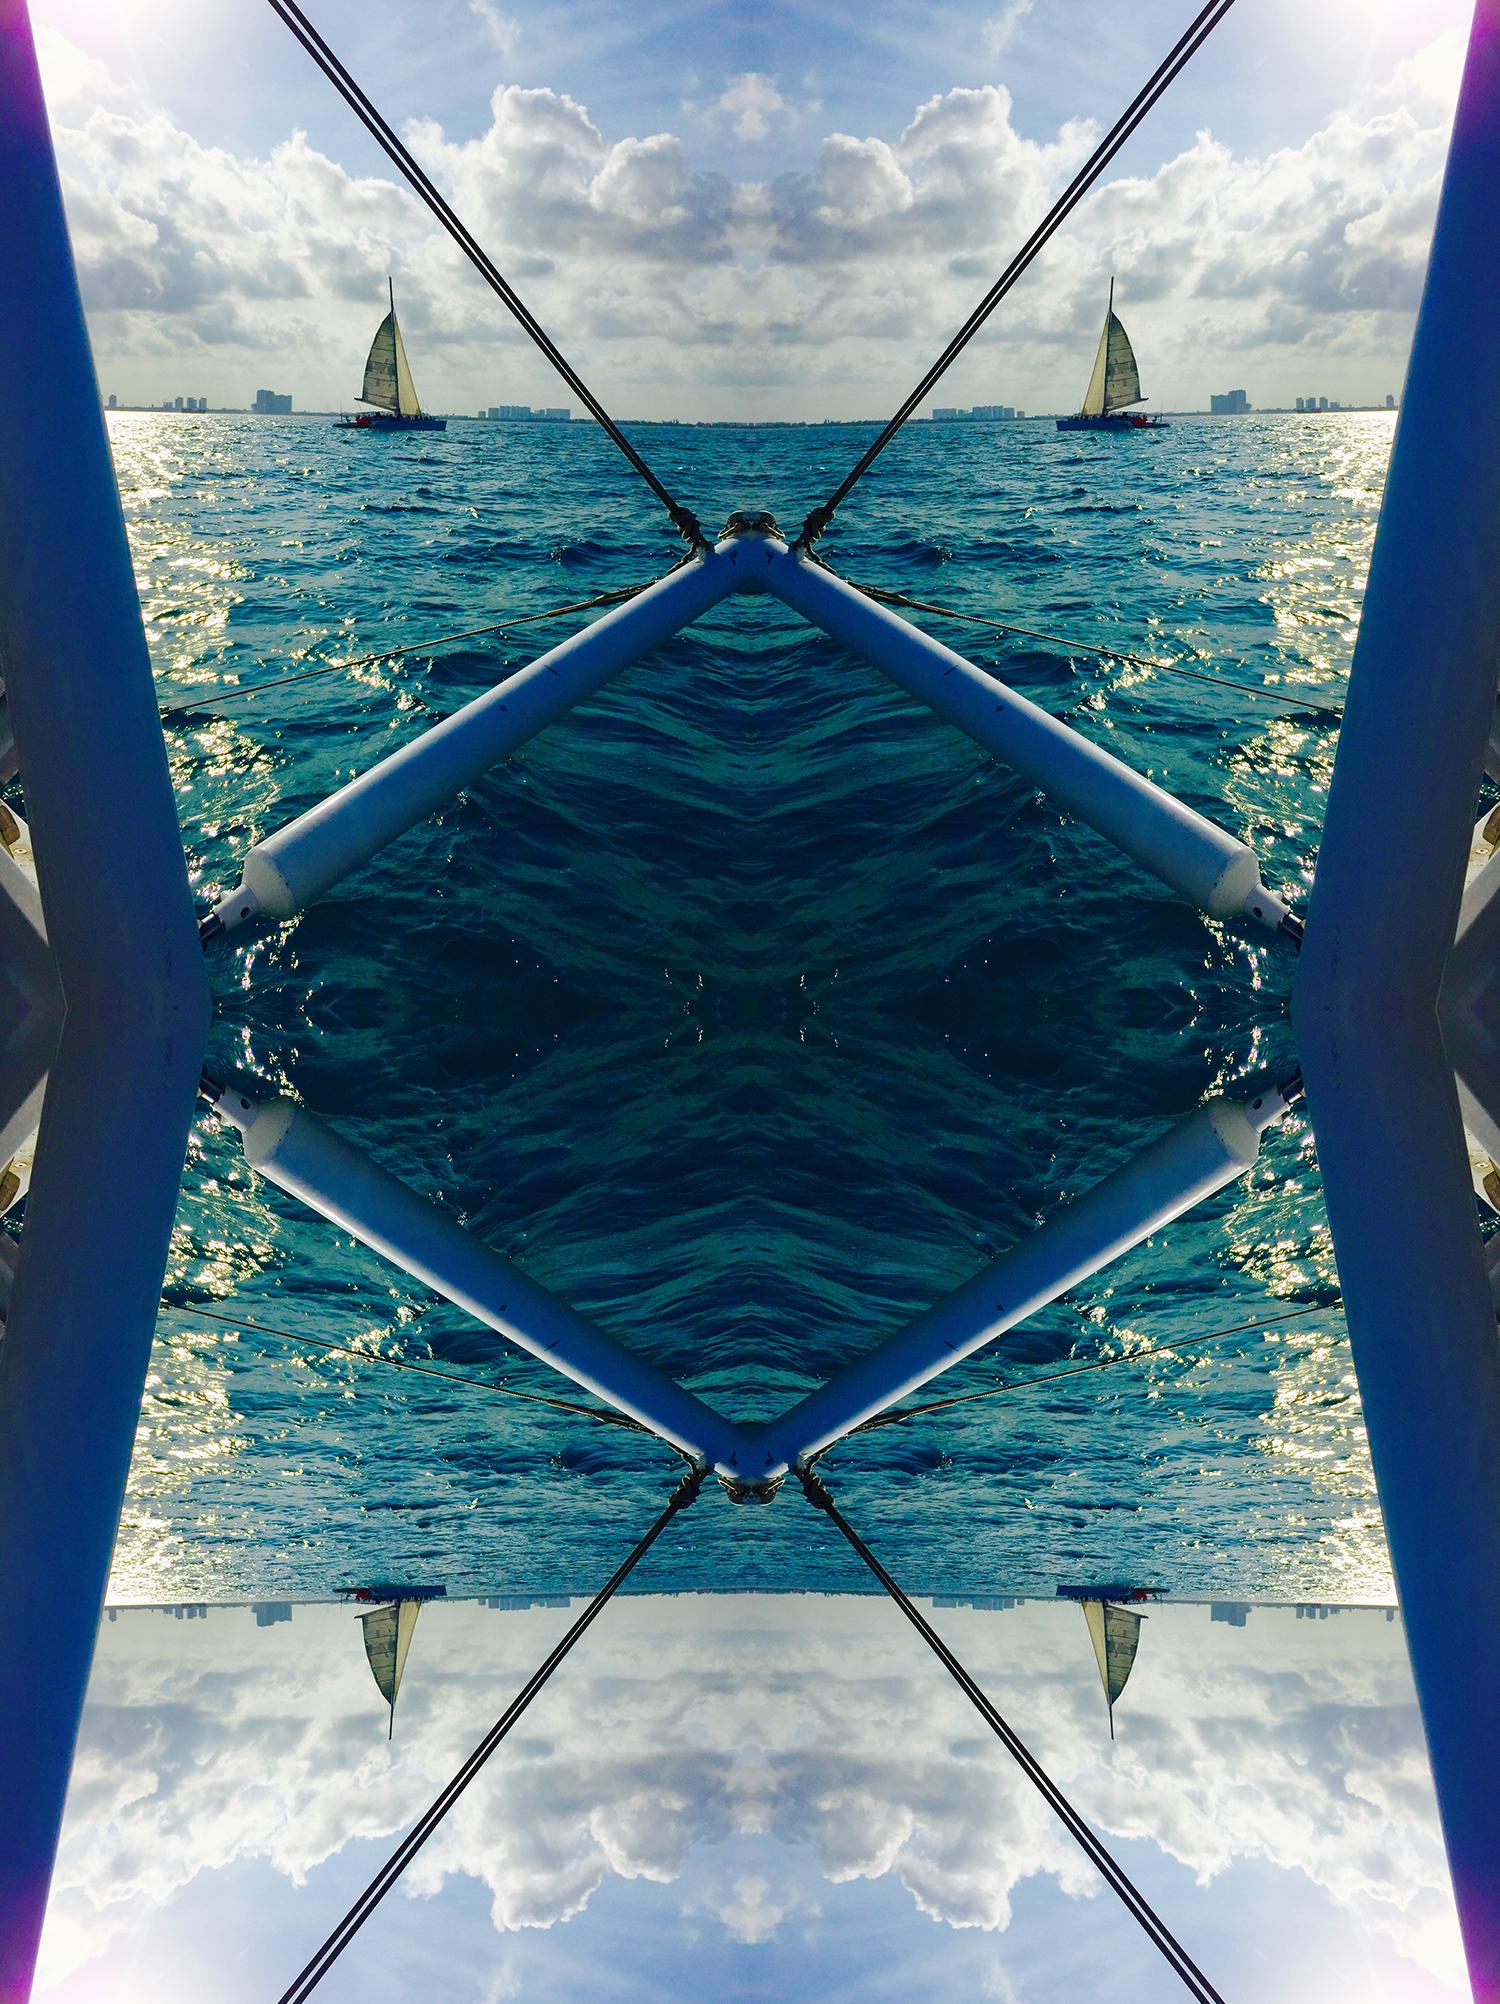 sailboat2.2.jpg